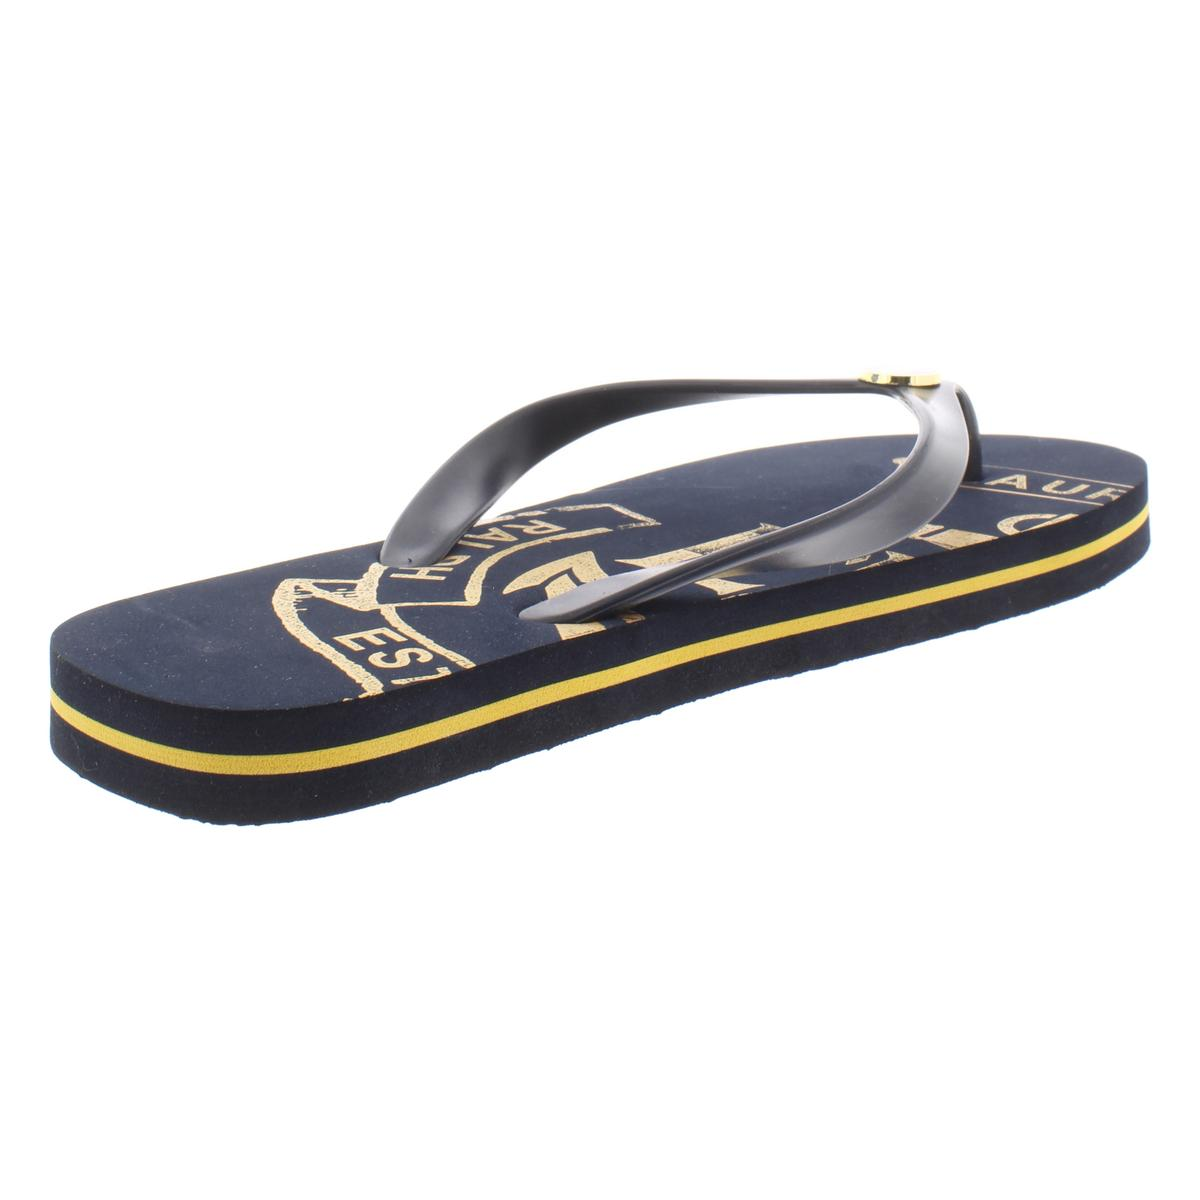 Lauren-Ralph-Lauren-Womens-Elissa-II-Flat-Thong-Flip-Flops-Sandals-BHFO-4857 thumbnail 4